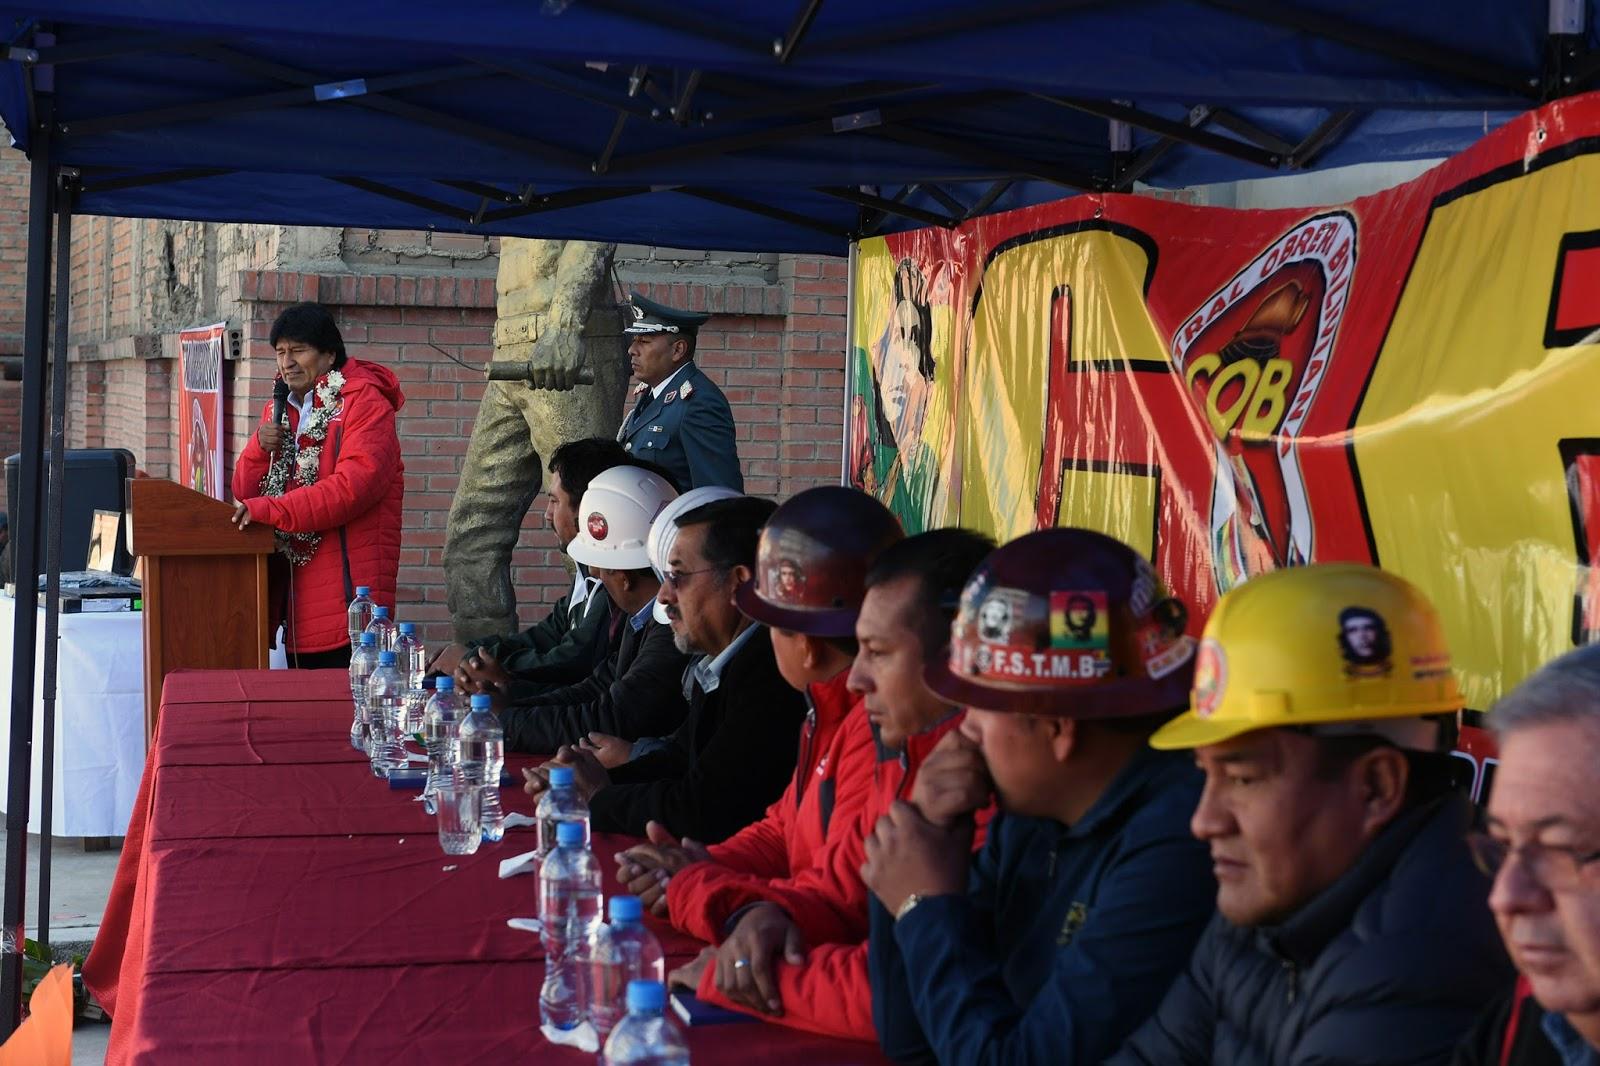 Sindicatos y organizaciones sociales obedecen y son los pilares de Morales  / ABI